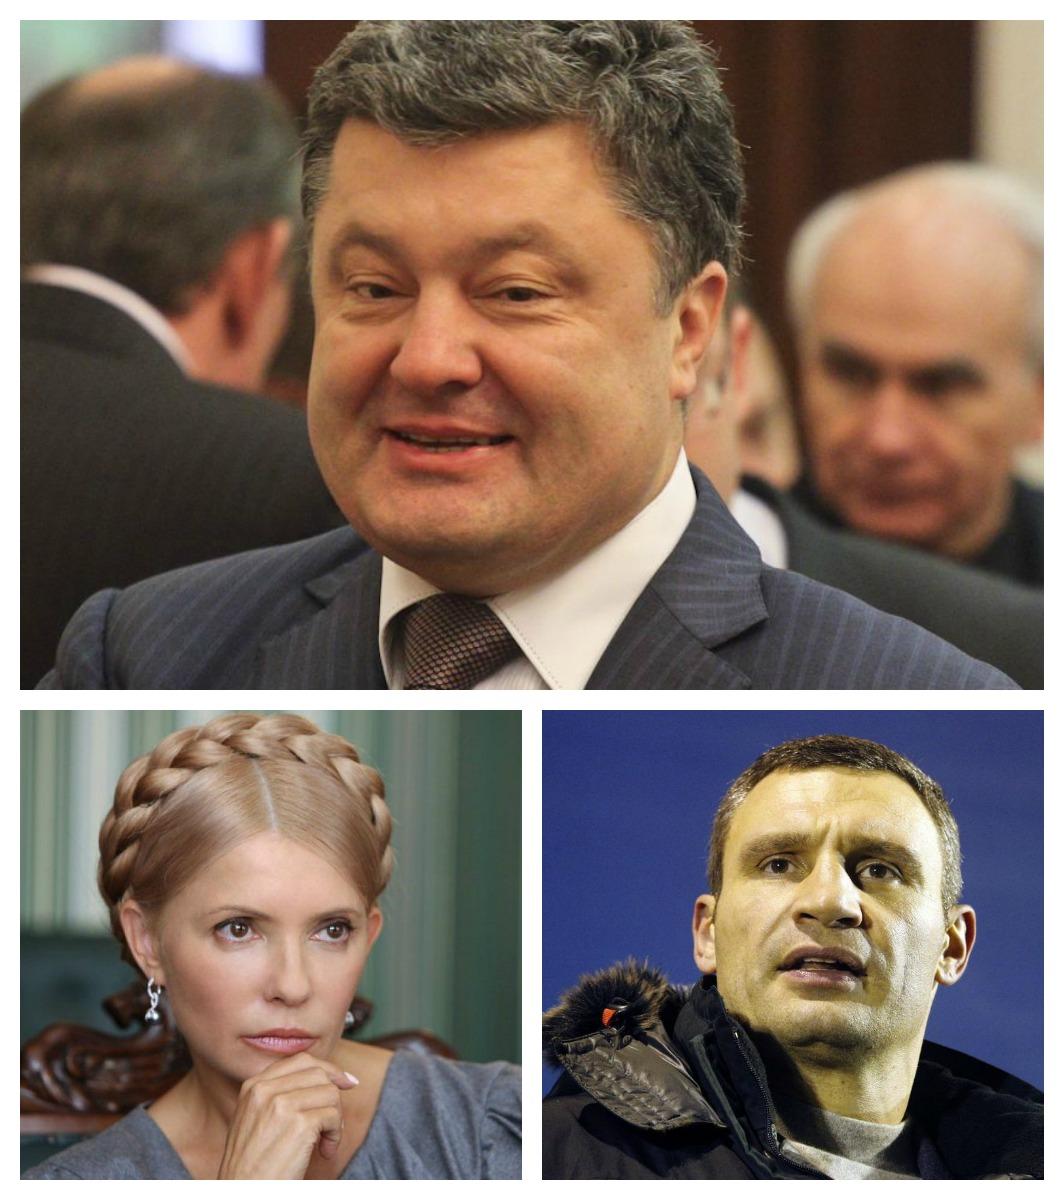 Выборы Президента Украины 2014: главные претенденты на победу